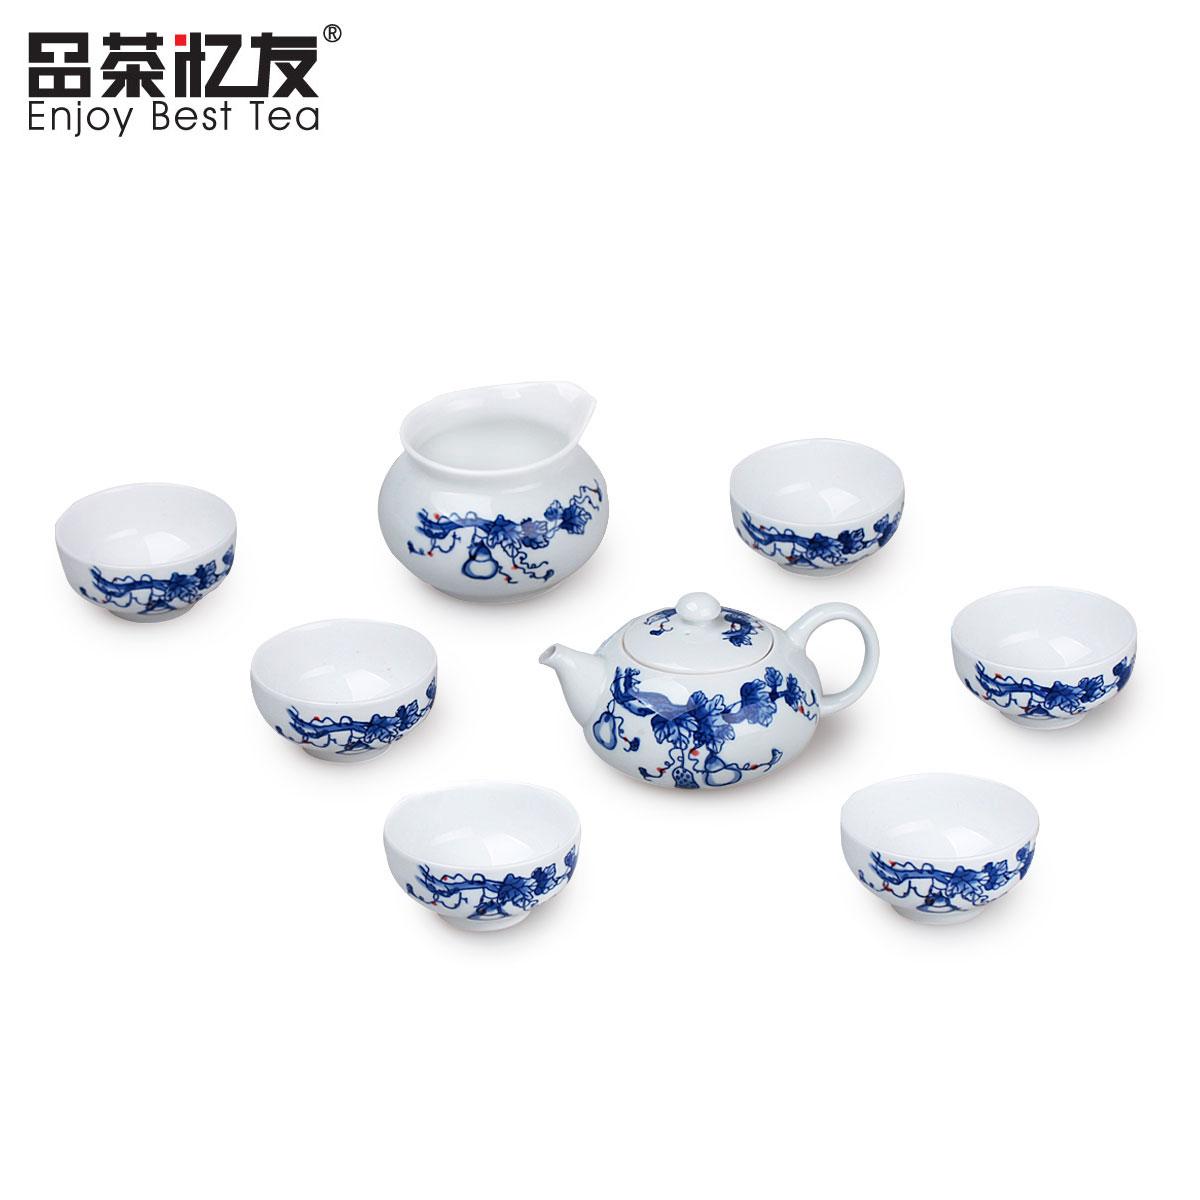 品茶忆友 景德镇青花瓷功夫茶具套组 手绘青花 功夫茶具茶杯套装商品图片